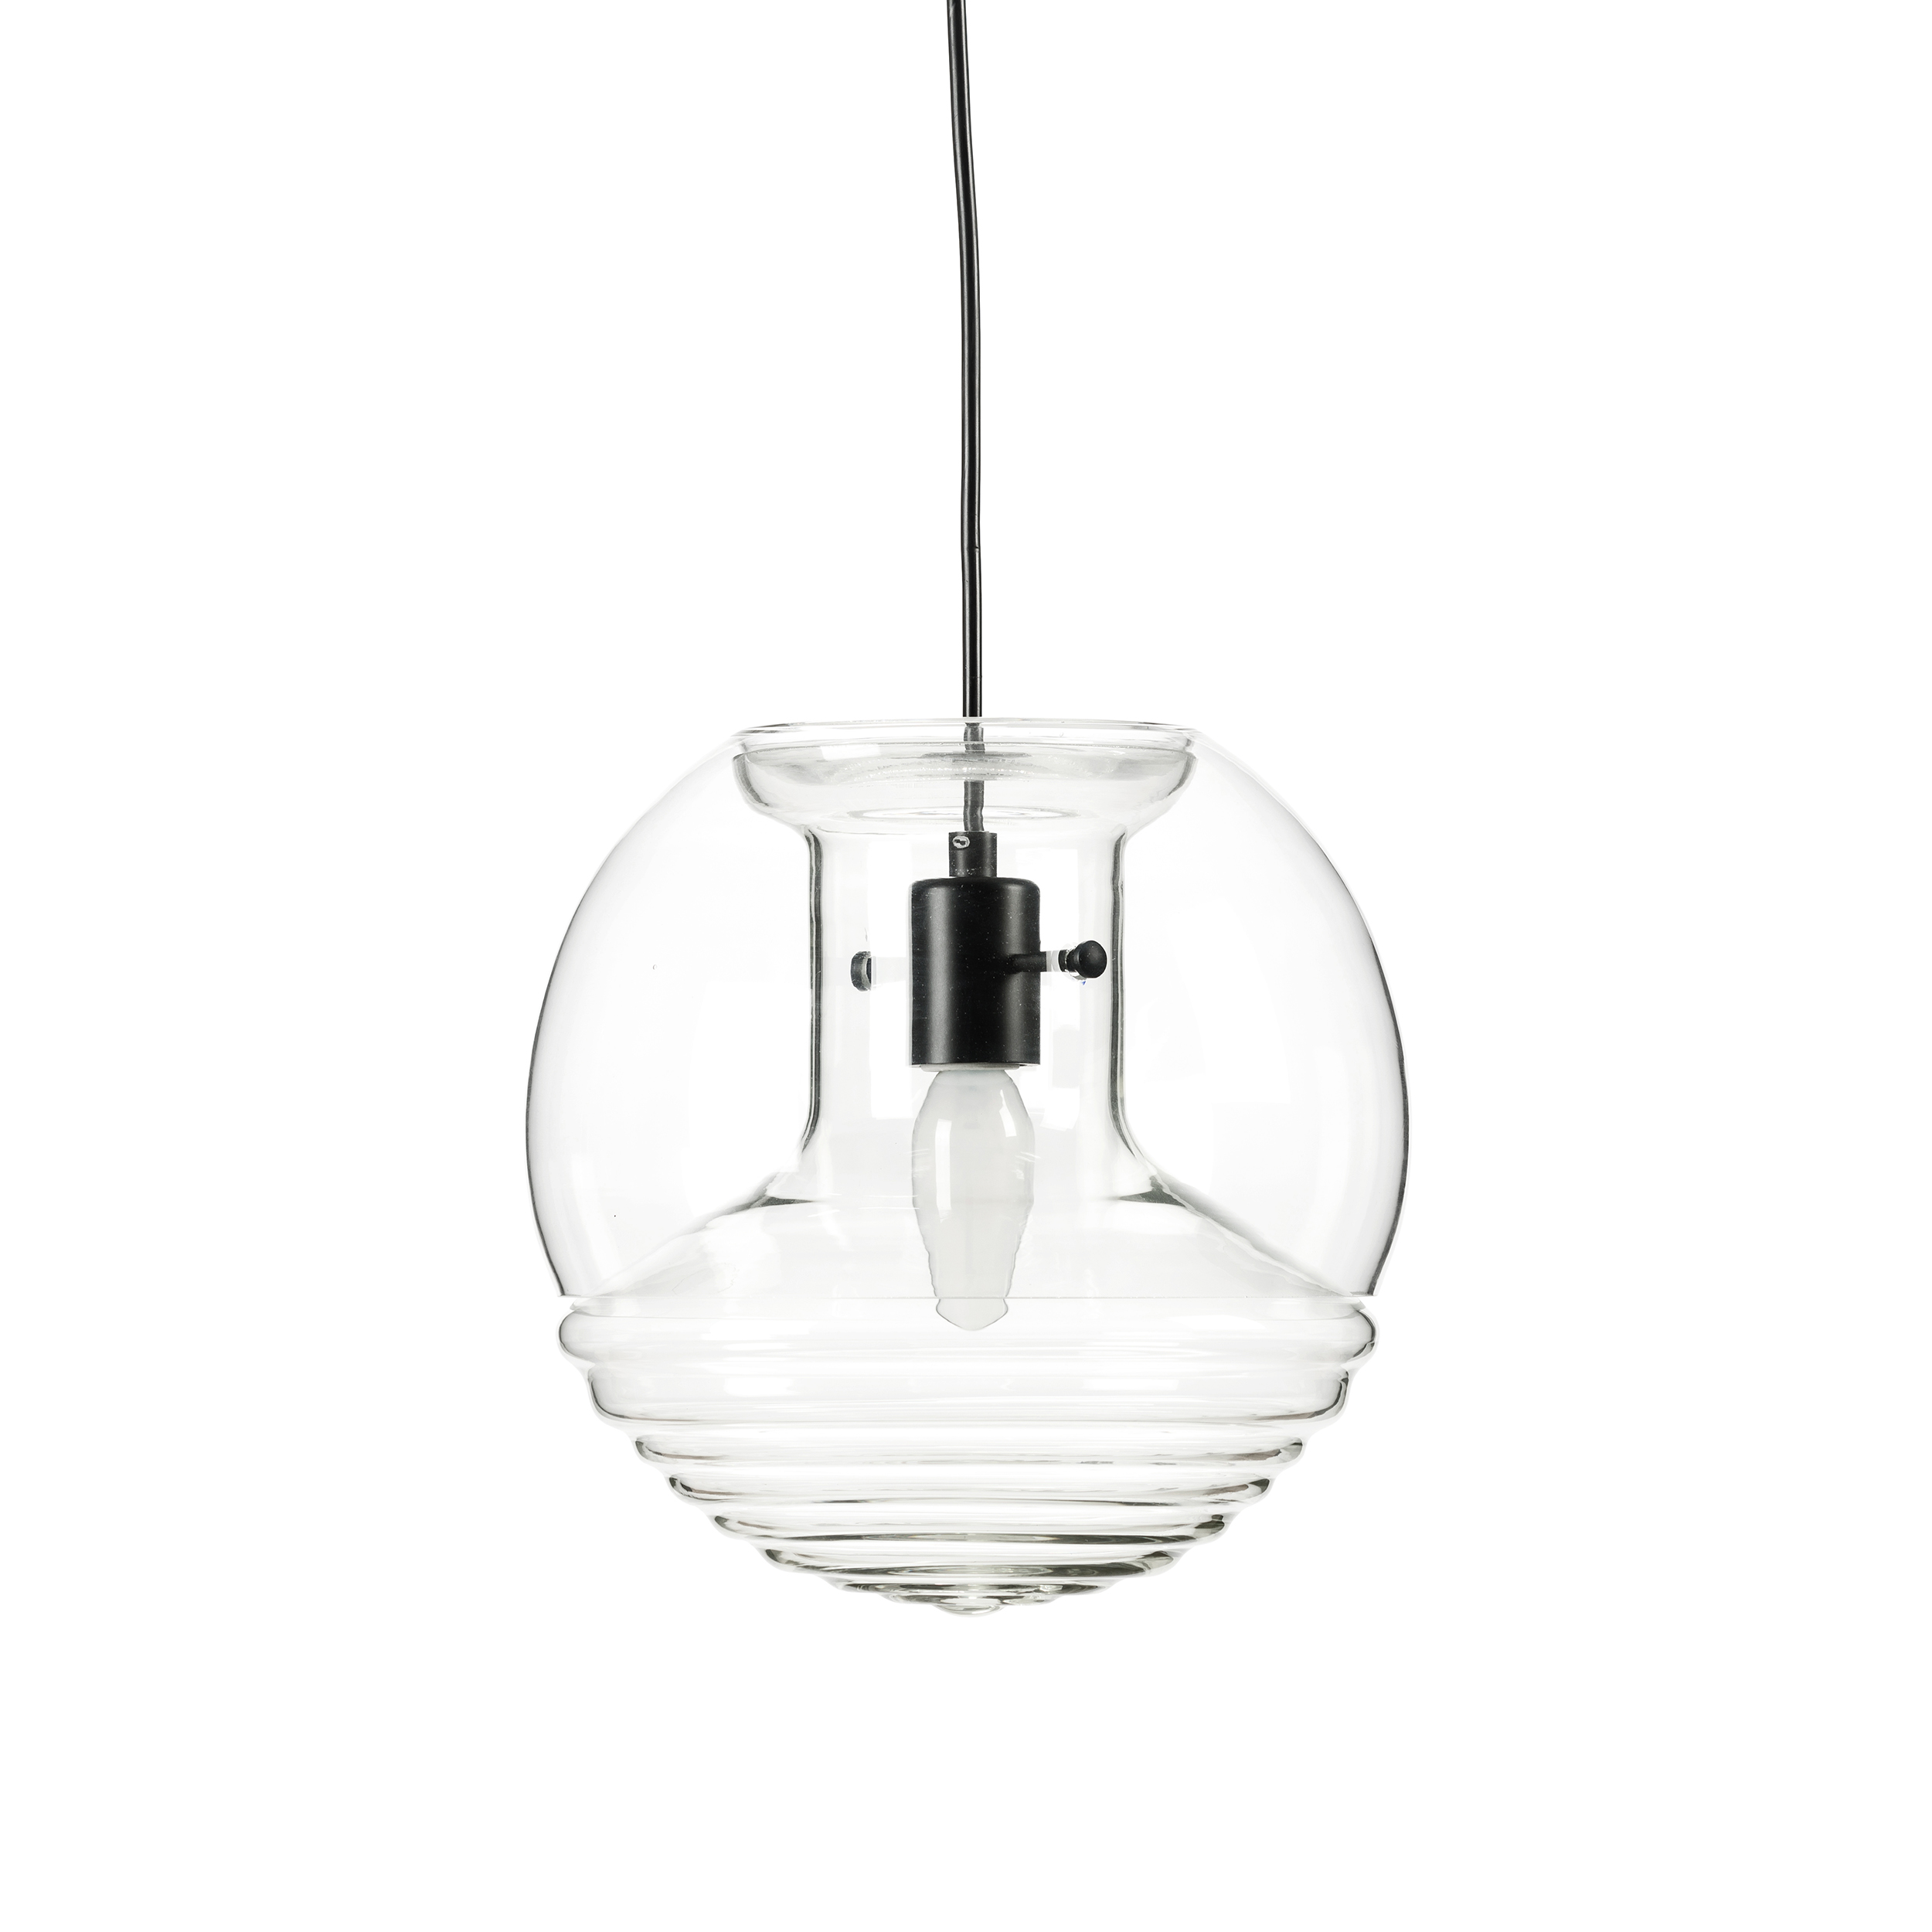 Подвесной светильник Flask диаметр 25Подвесные<br>Любой профессиональный дизайнер знает: чтобы создать что-то гениальное, нужно соблюсти баланс между новшеством и классикой, в противном случае дизайн превращается в безвкусицу. Дизайнер подвесного светильника Flask диаметр 25 Том Диксон знает это правило очень хорошо, поэтому что бы он ни создал, это непременно становится шедевром в мире современного дизайна. <br> <br> Подвесной светильник Flask диаметр 25 — будто два отдельных плафона, слившихся в единую конструкцию. В этом и есть то самое но...<br><br>stock: 0<br>Высота: 180<br>Диаметр: 25<br>Количество ламп: 1<br>Материал абажура: Стекло<br>Мощность лампы: 40<br>Ламп в комплекте: Нет<br>Напряжение: 220<br>Тип лампы/цоколь: E14<br>Цвет абажура: Прозрачный